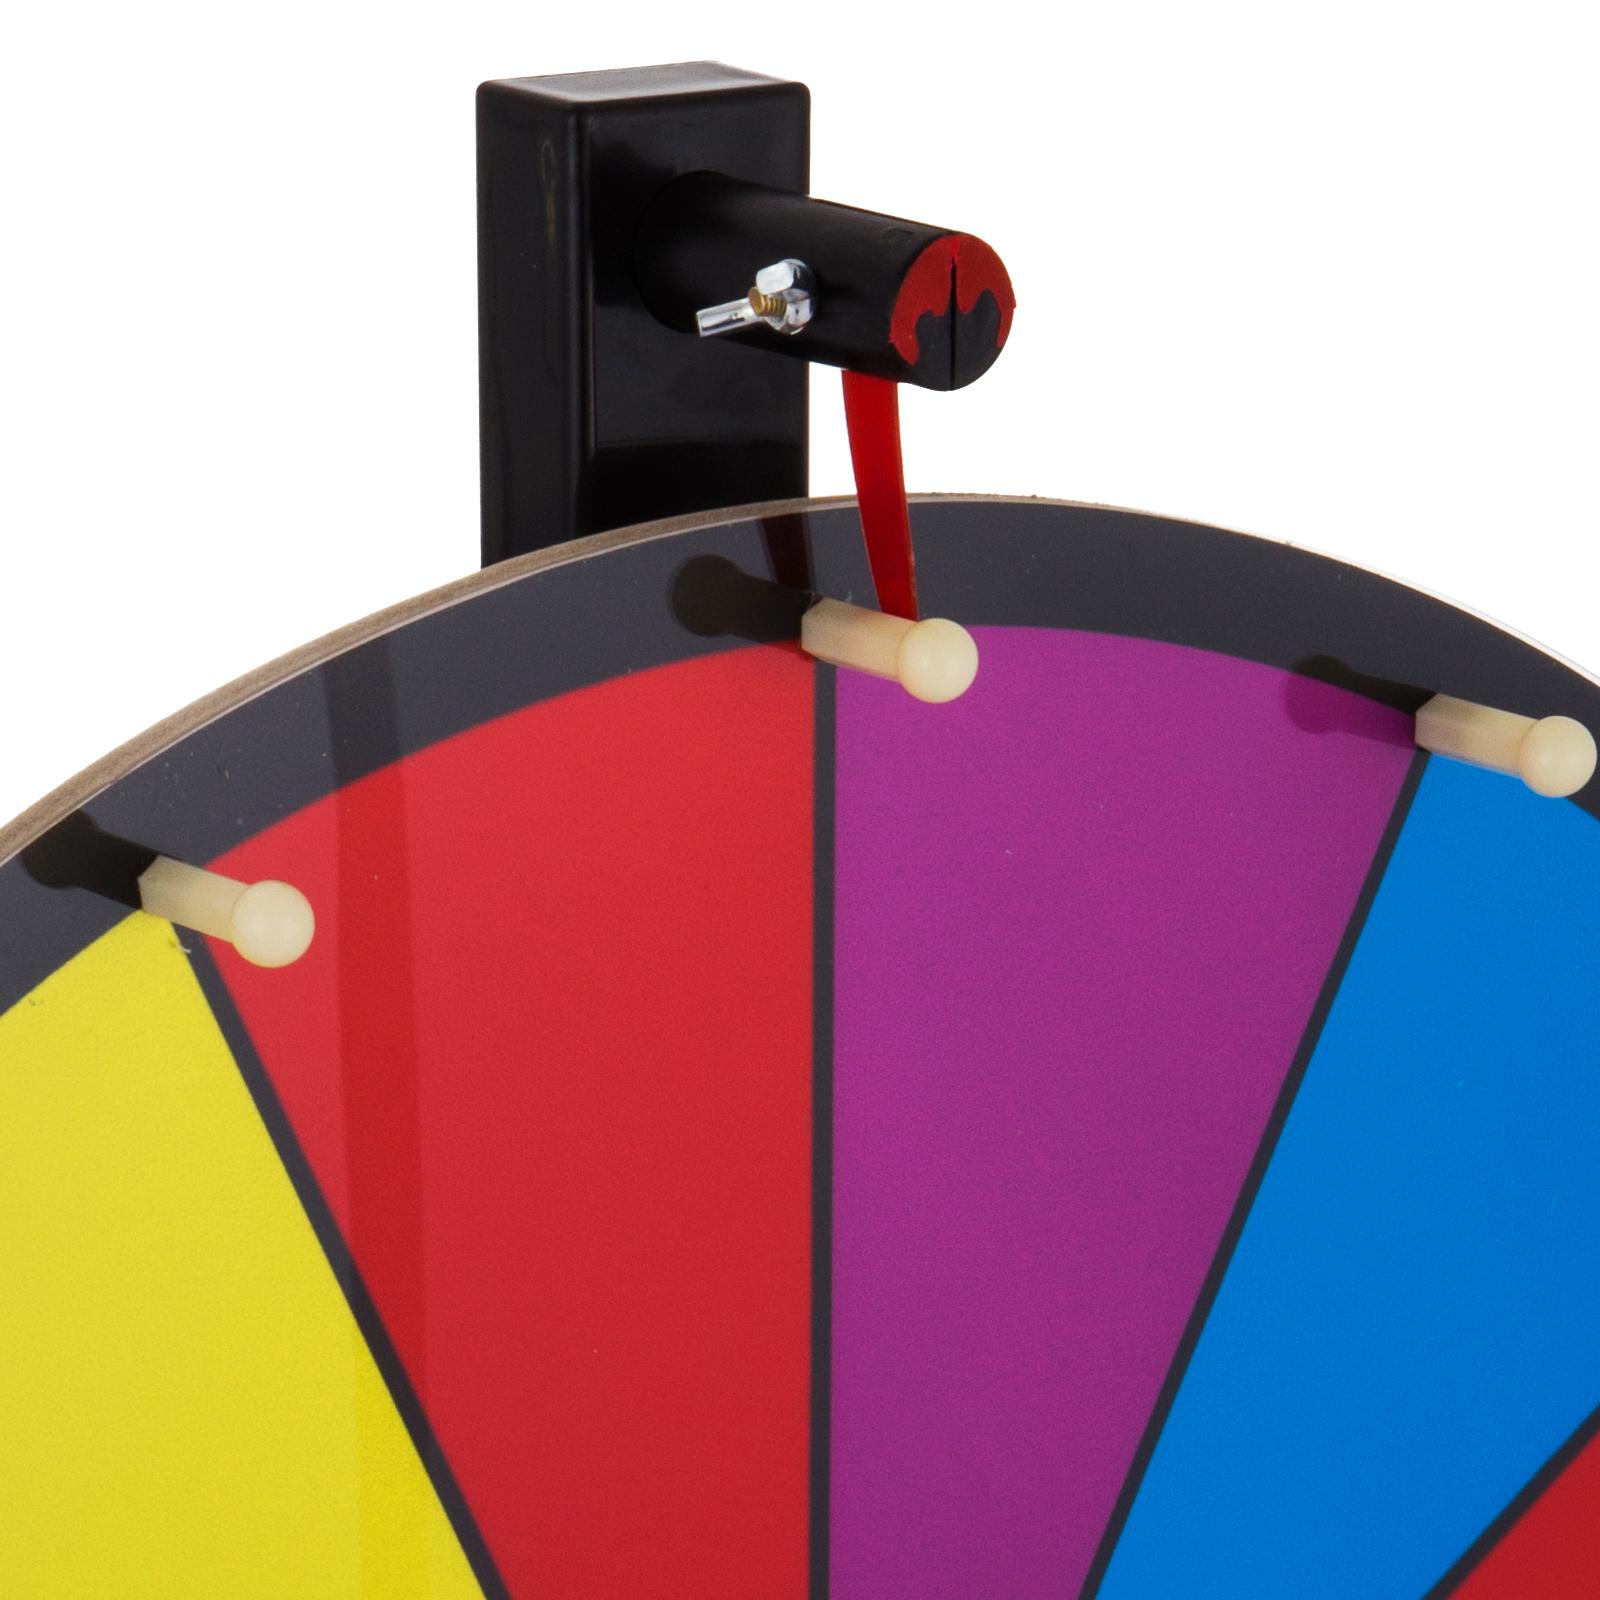 24-18-15-Ruota-Della-Fortuna-di-Colore-14-Slots-Gioco-Spin-Con-Supporto-Festa miniatura 55